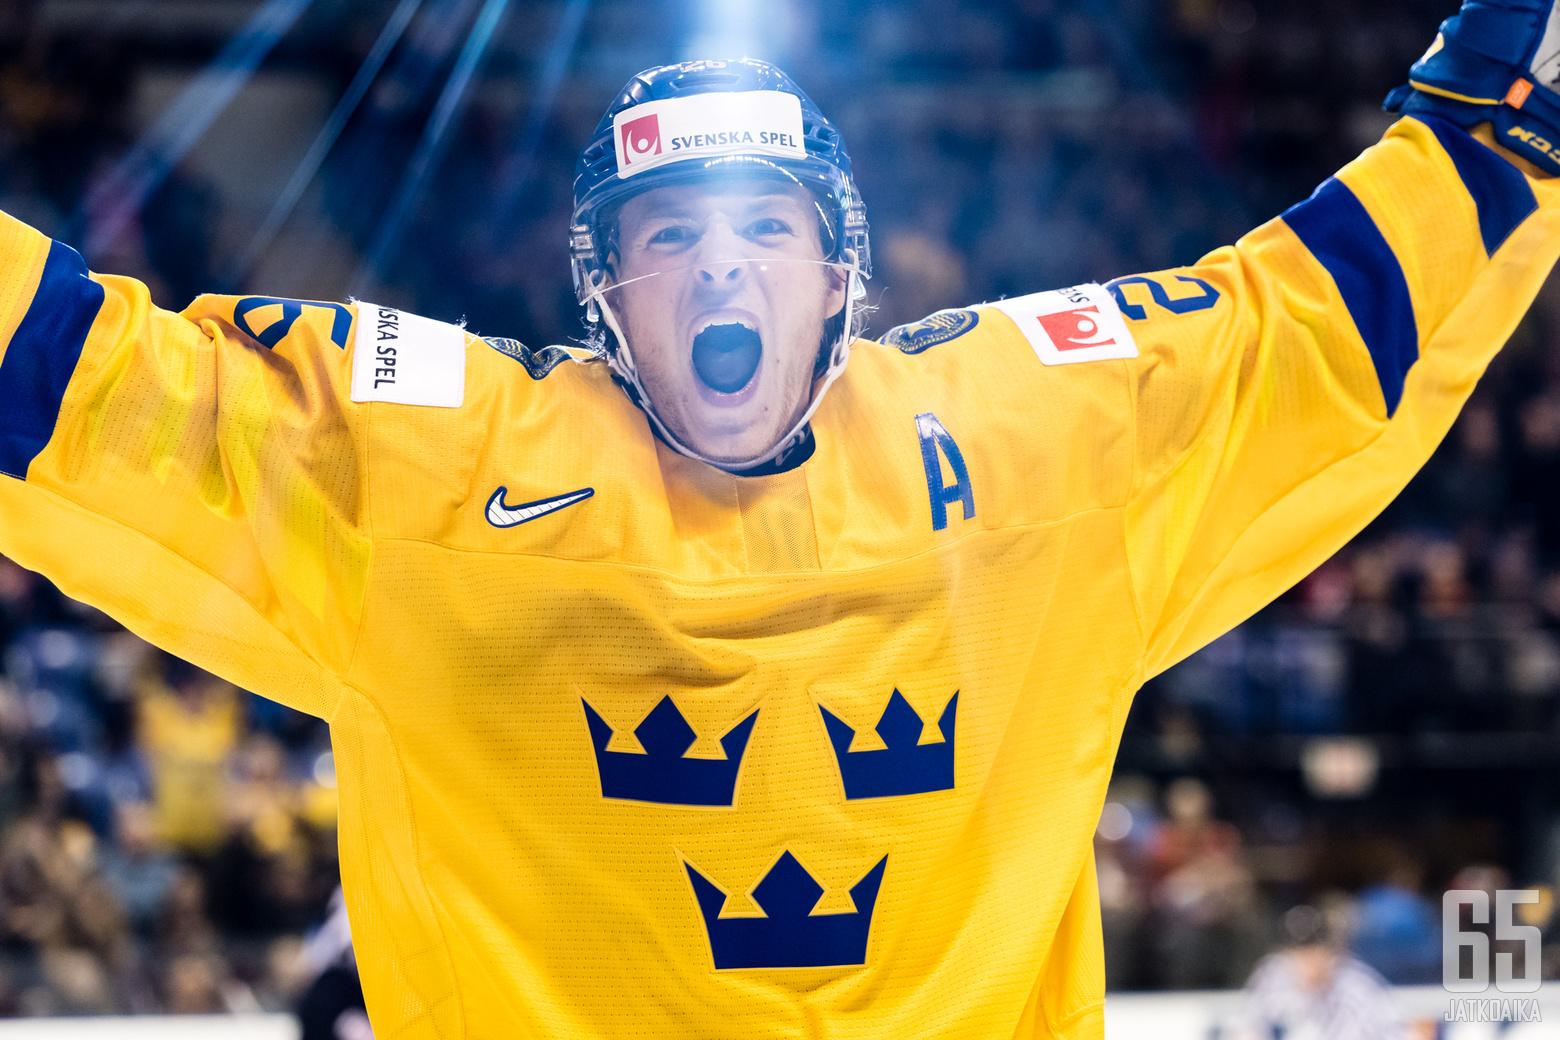 jääkiekon Nuorten MM-kisojen ottelussa Ruotsi - USA, Save-On-Foods Memorial Centressä, 30. joulukuuta 2018.